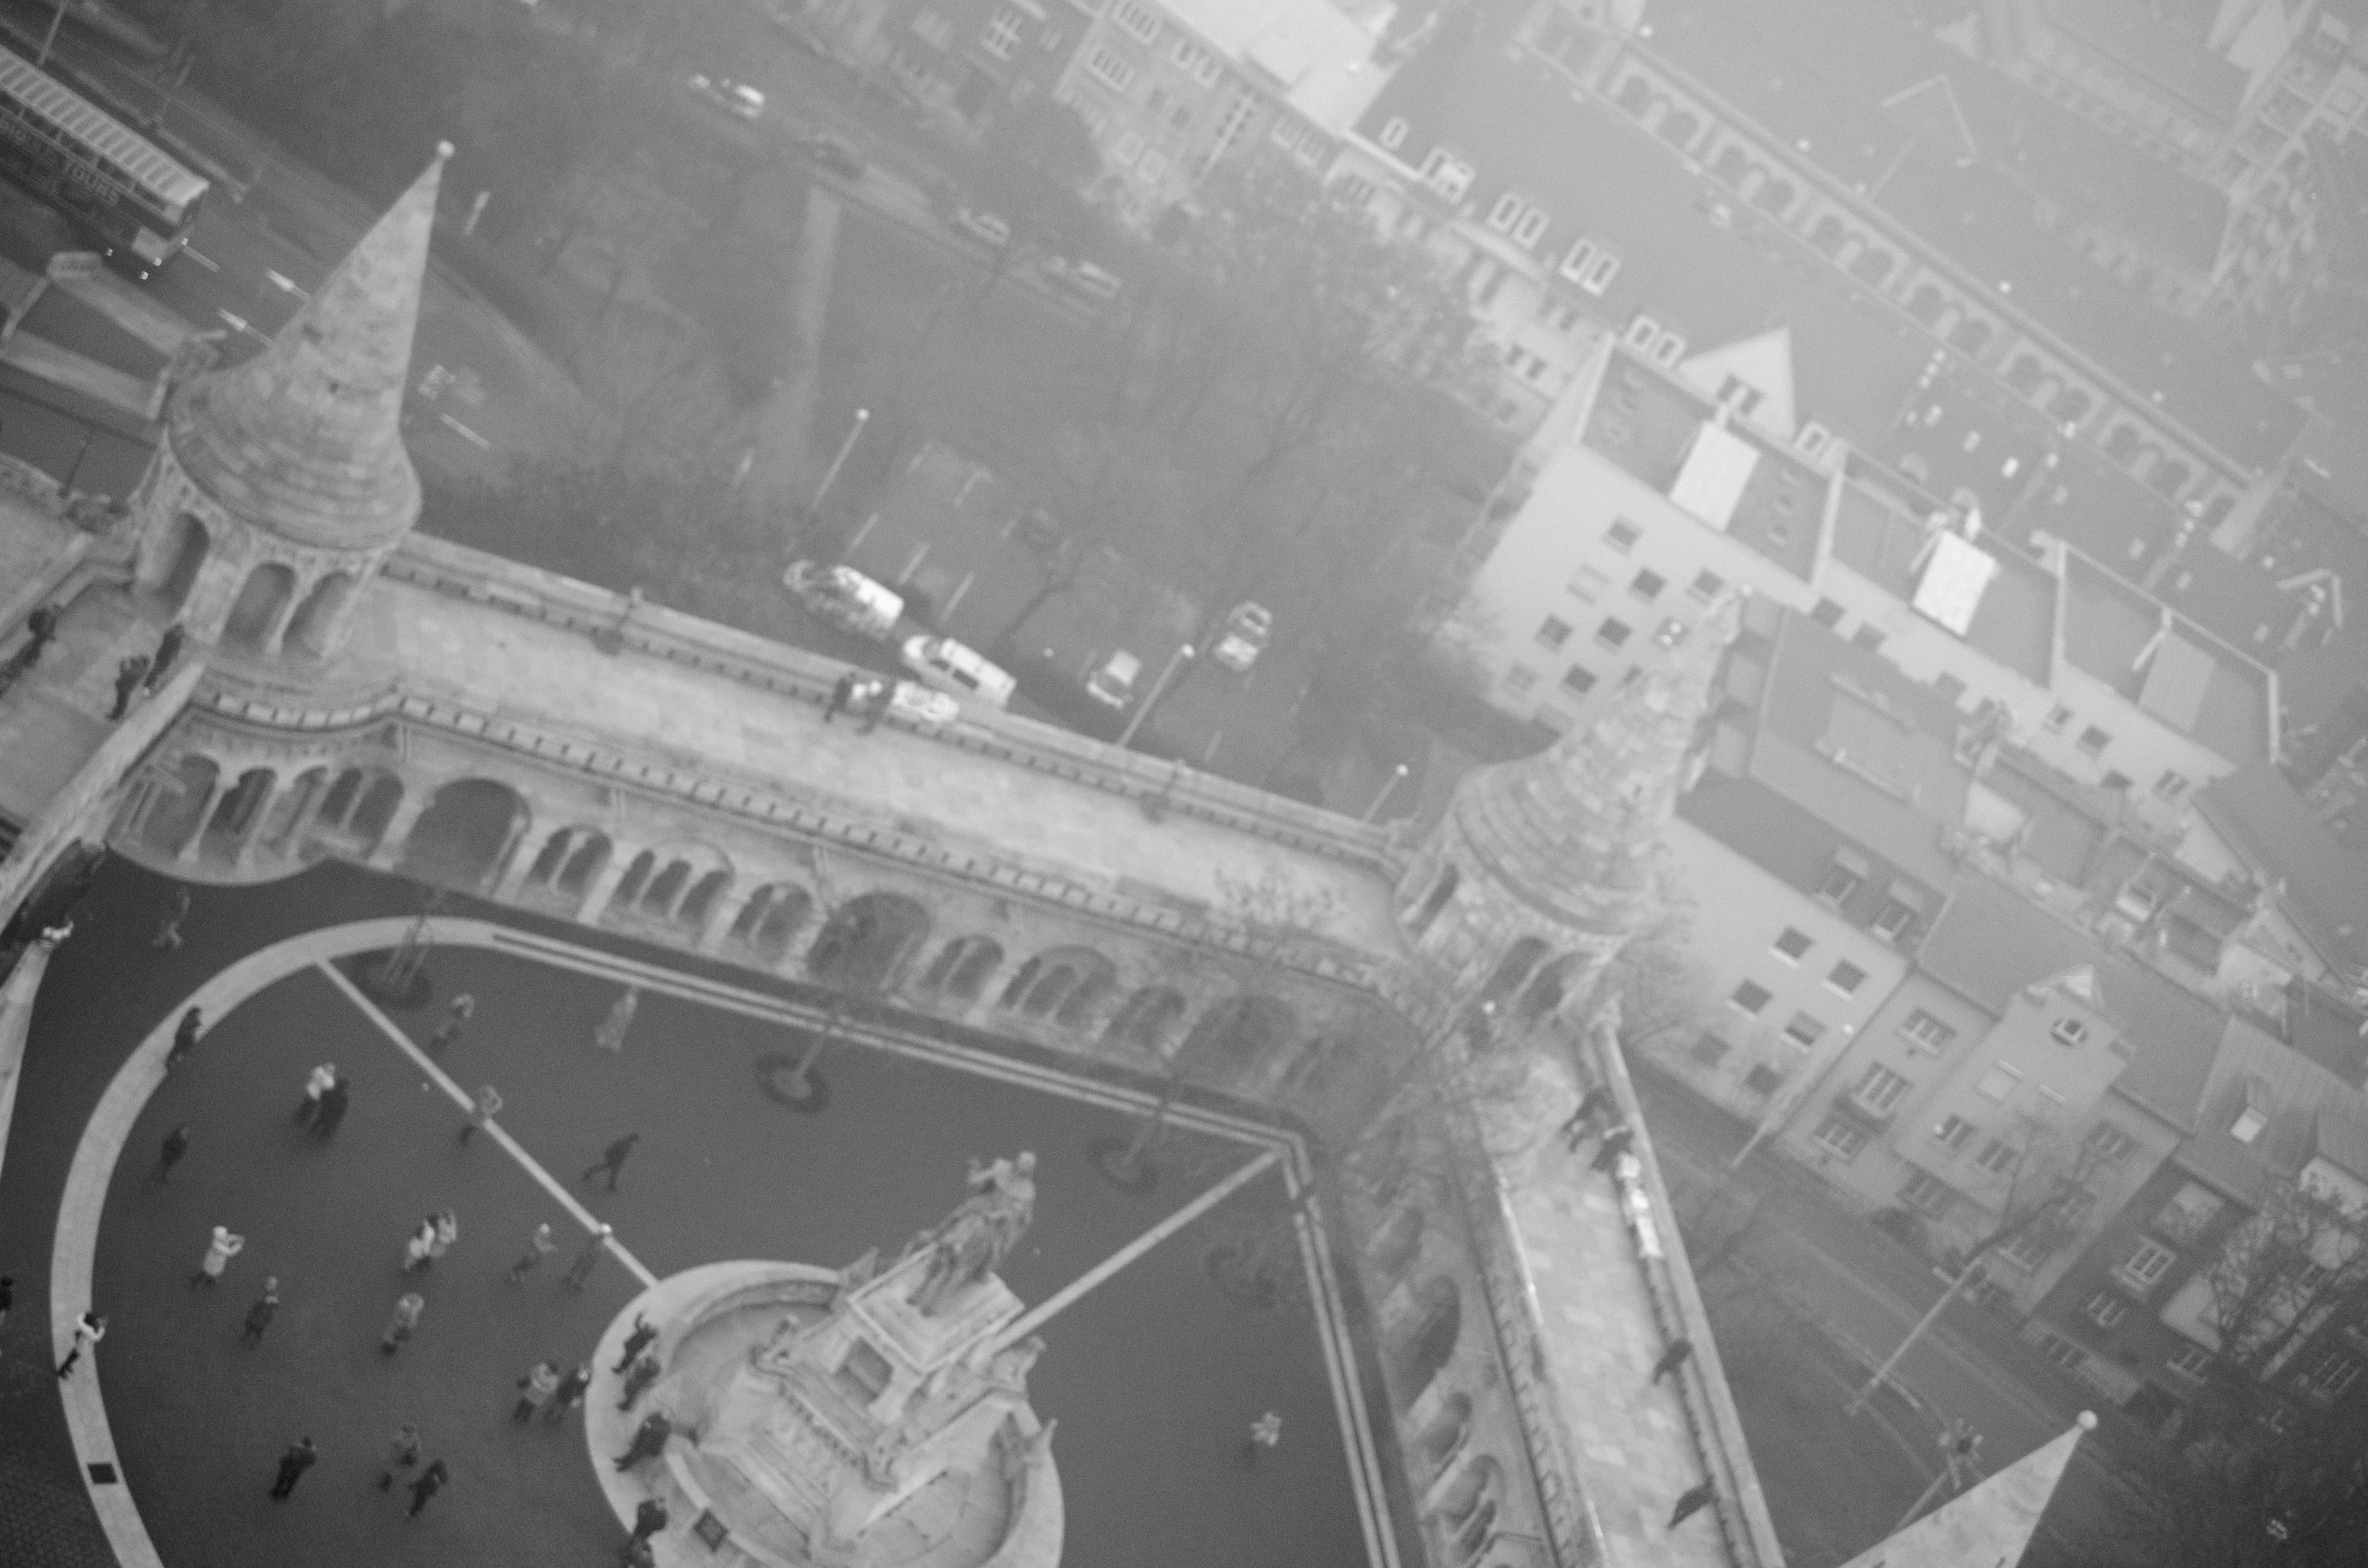 #makeheritagefun in Budapest, Hungary